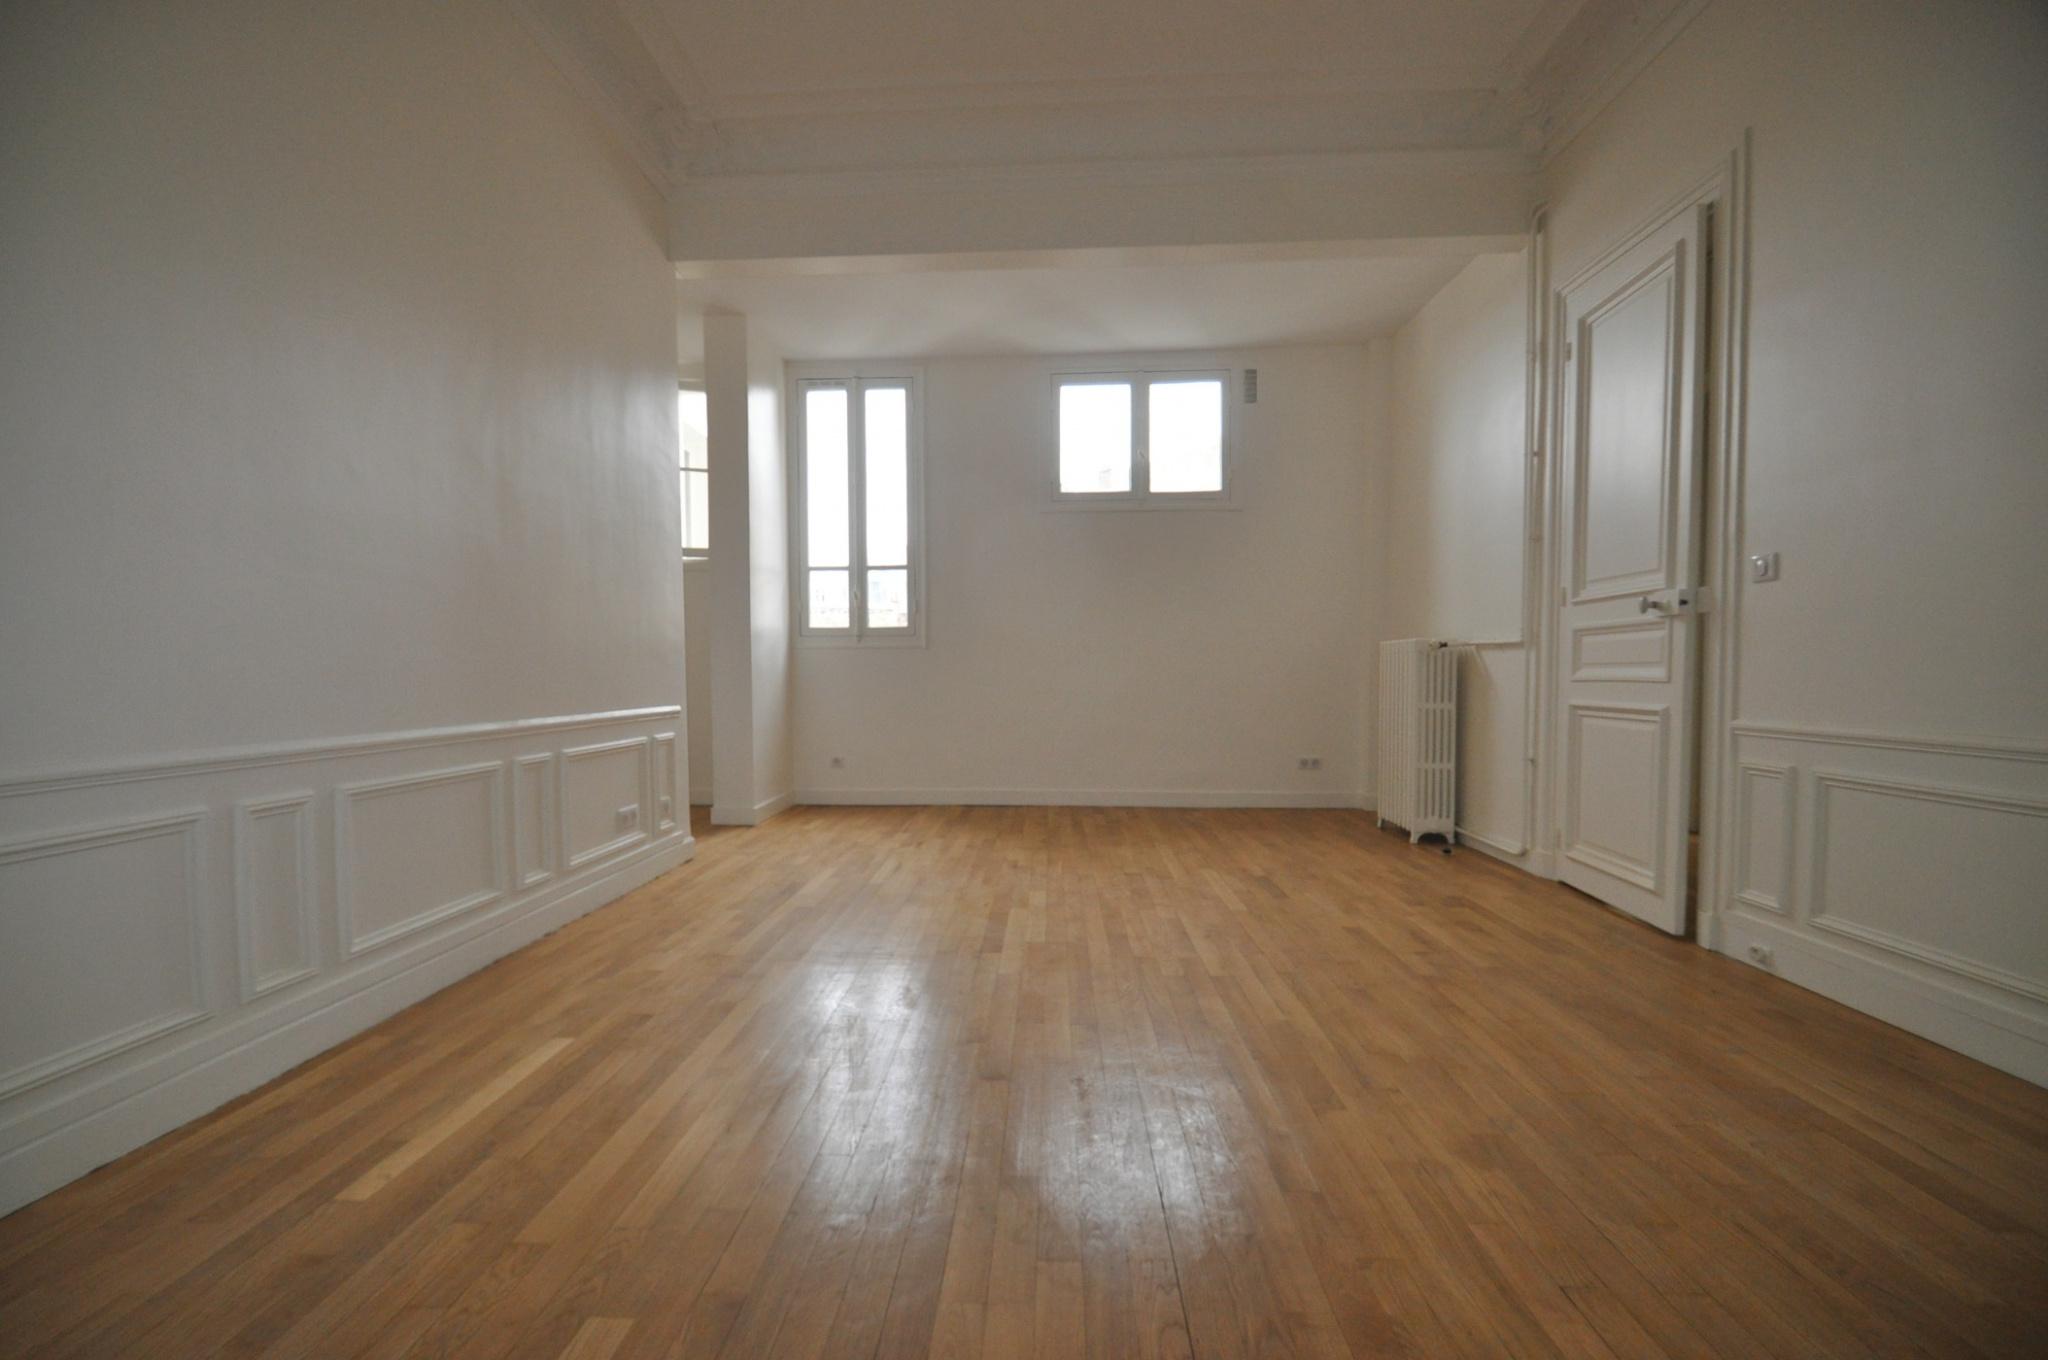 Offres de location Appartement Paris (75116)